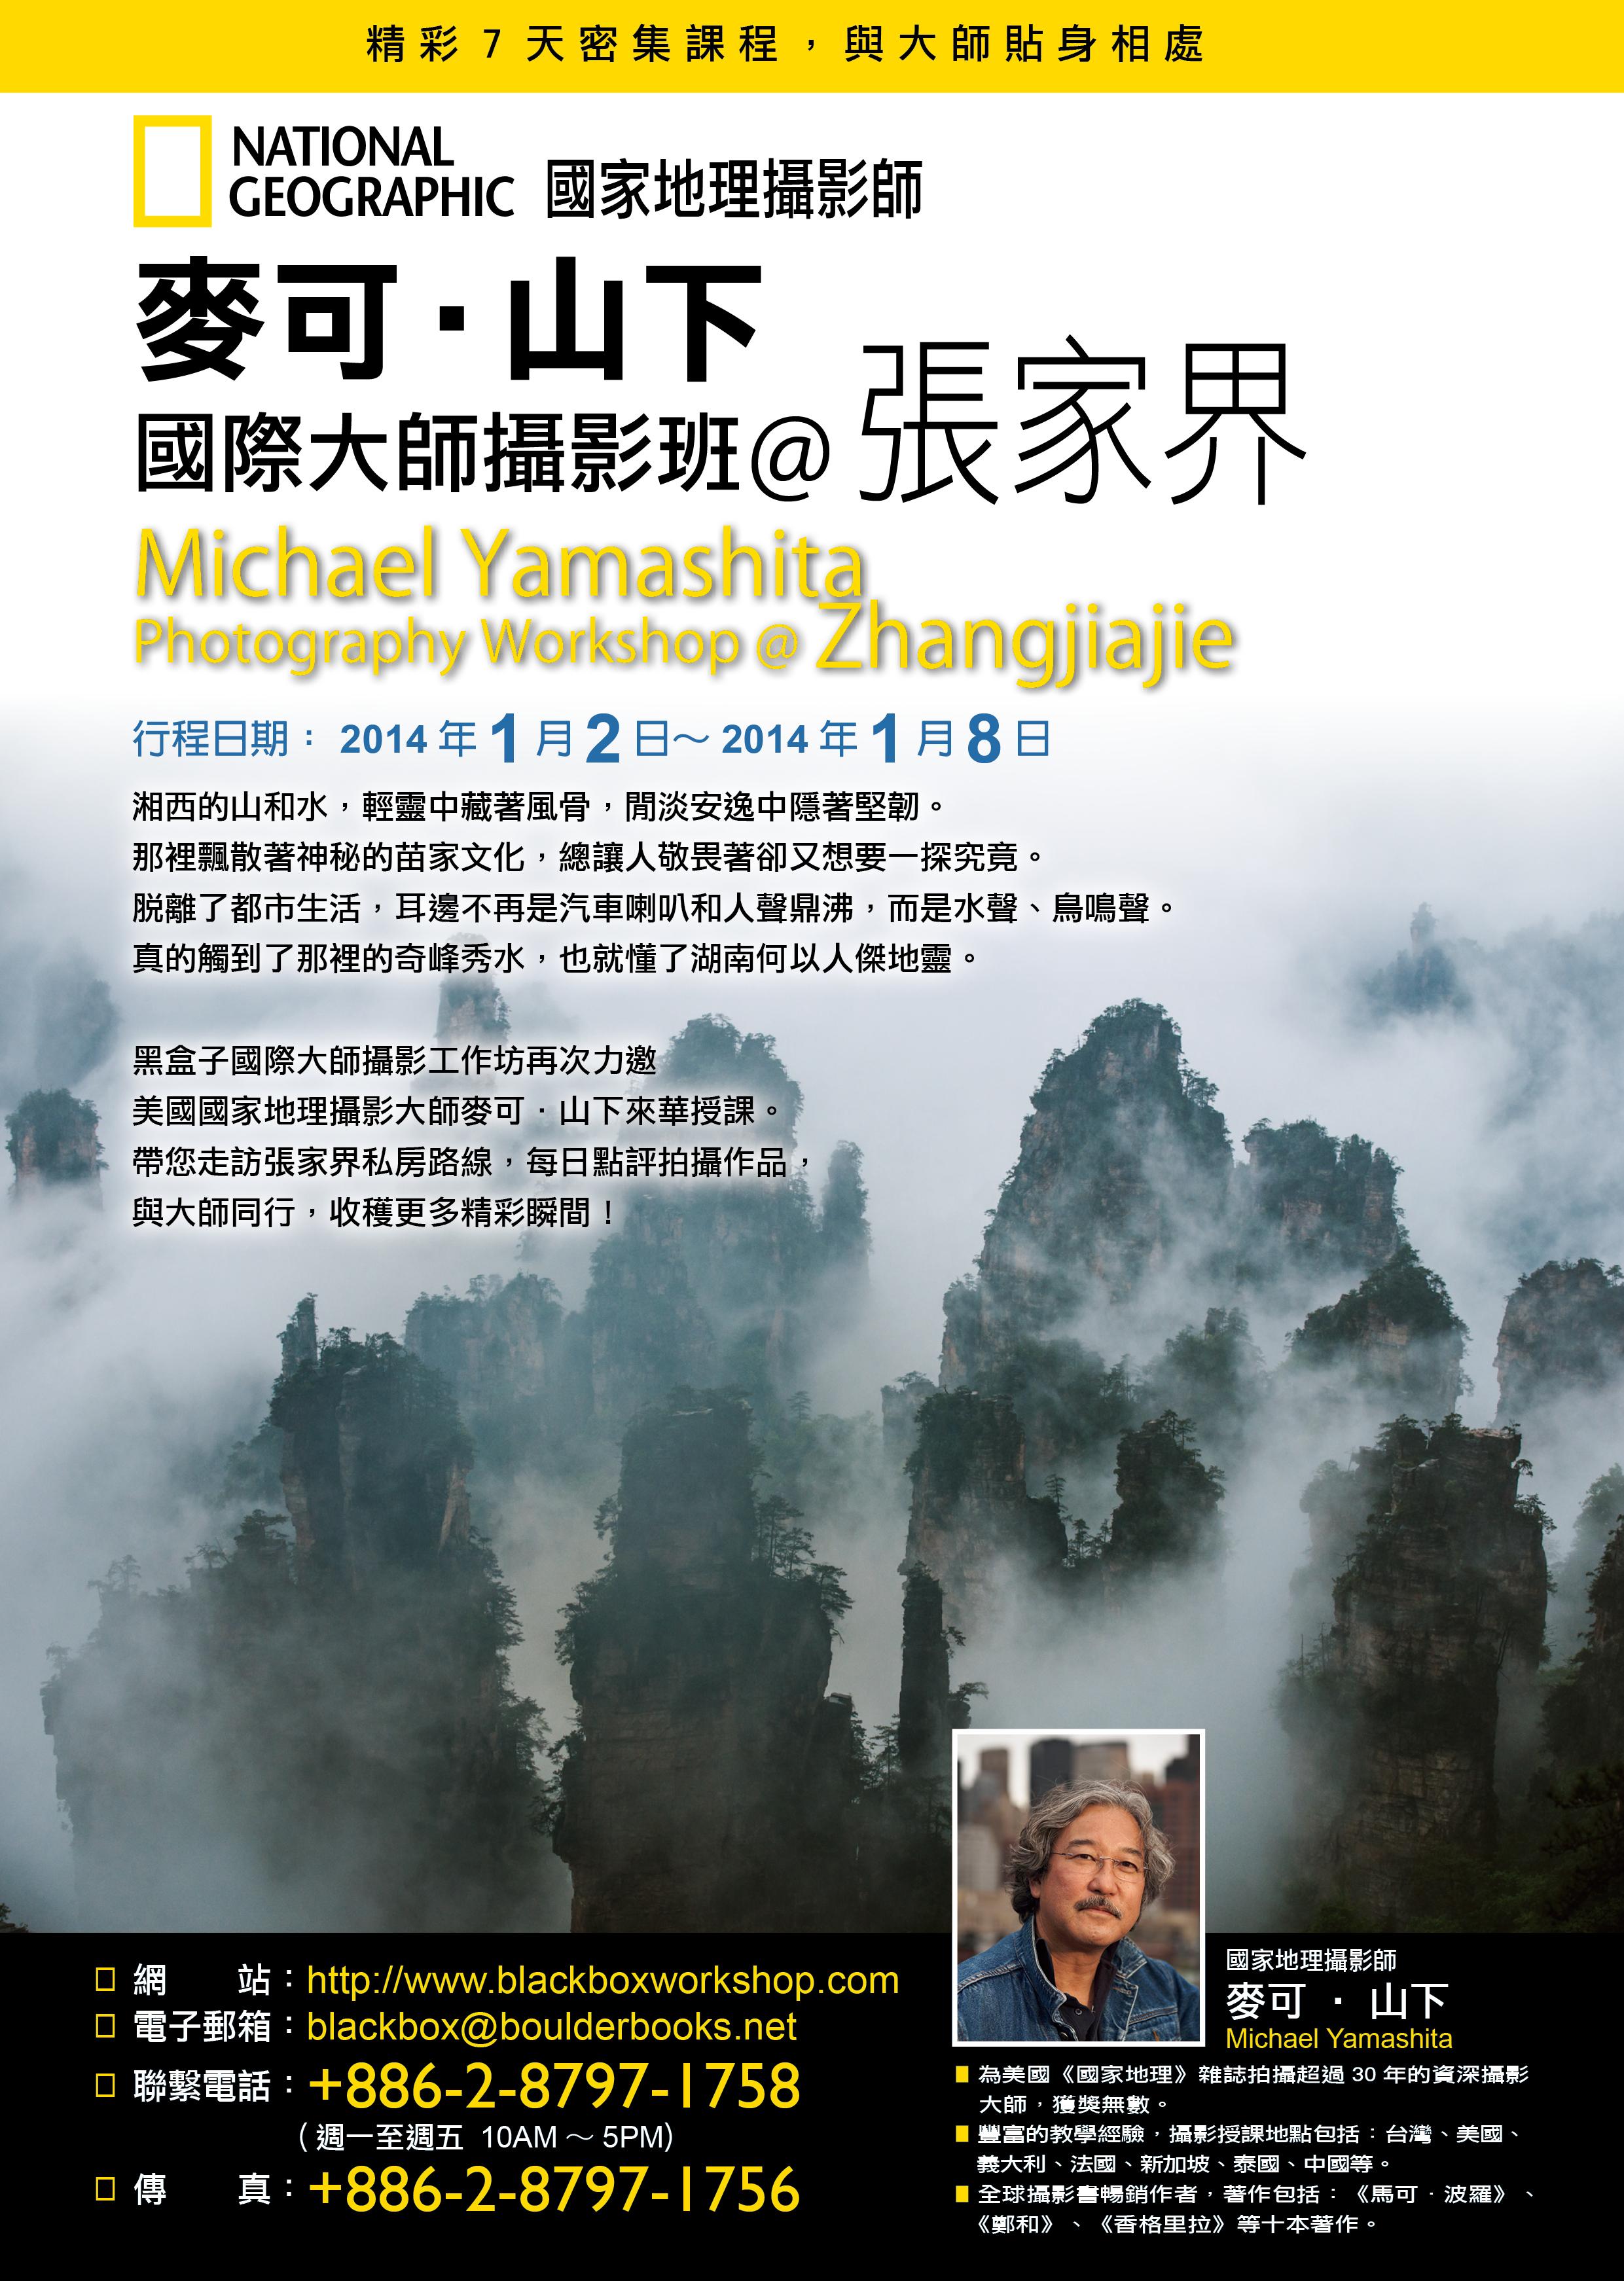 國家地理雜誌中文網